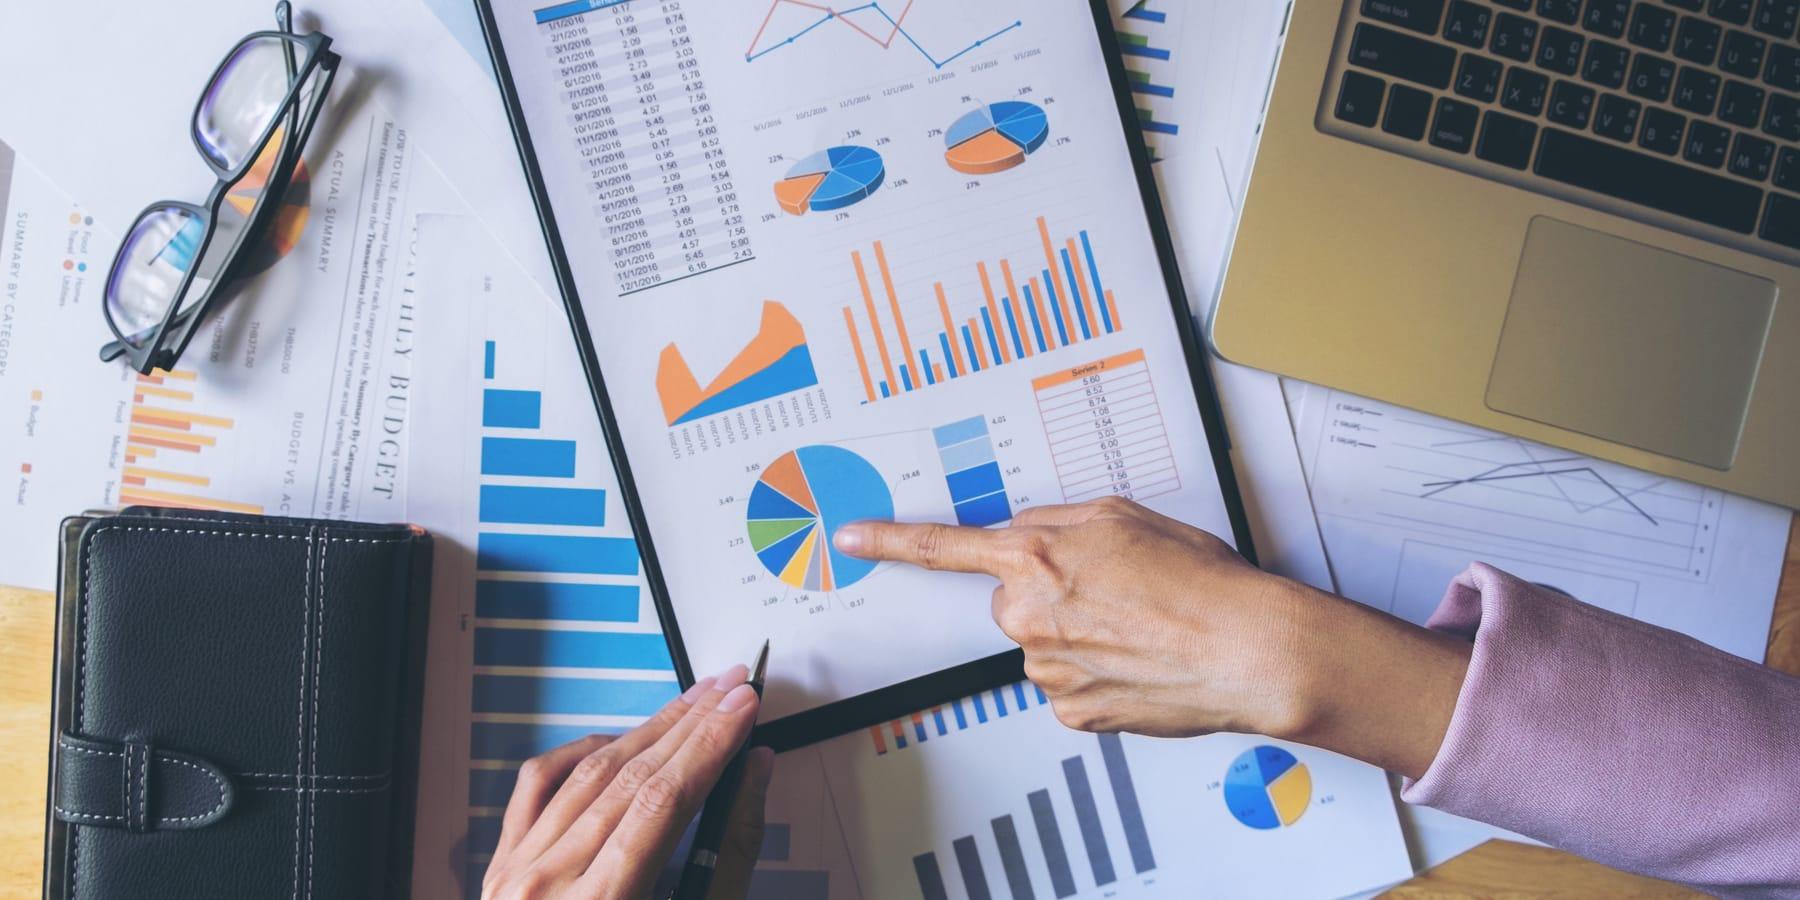 Alteryx Aktie Wachstumspause - Datenanalyse am Schreibtisch mit Papier und Laptop